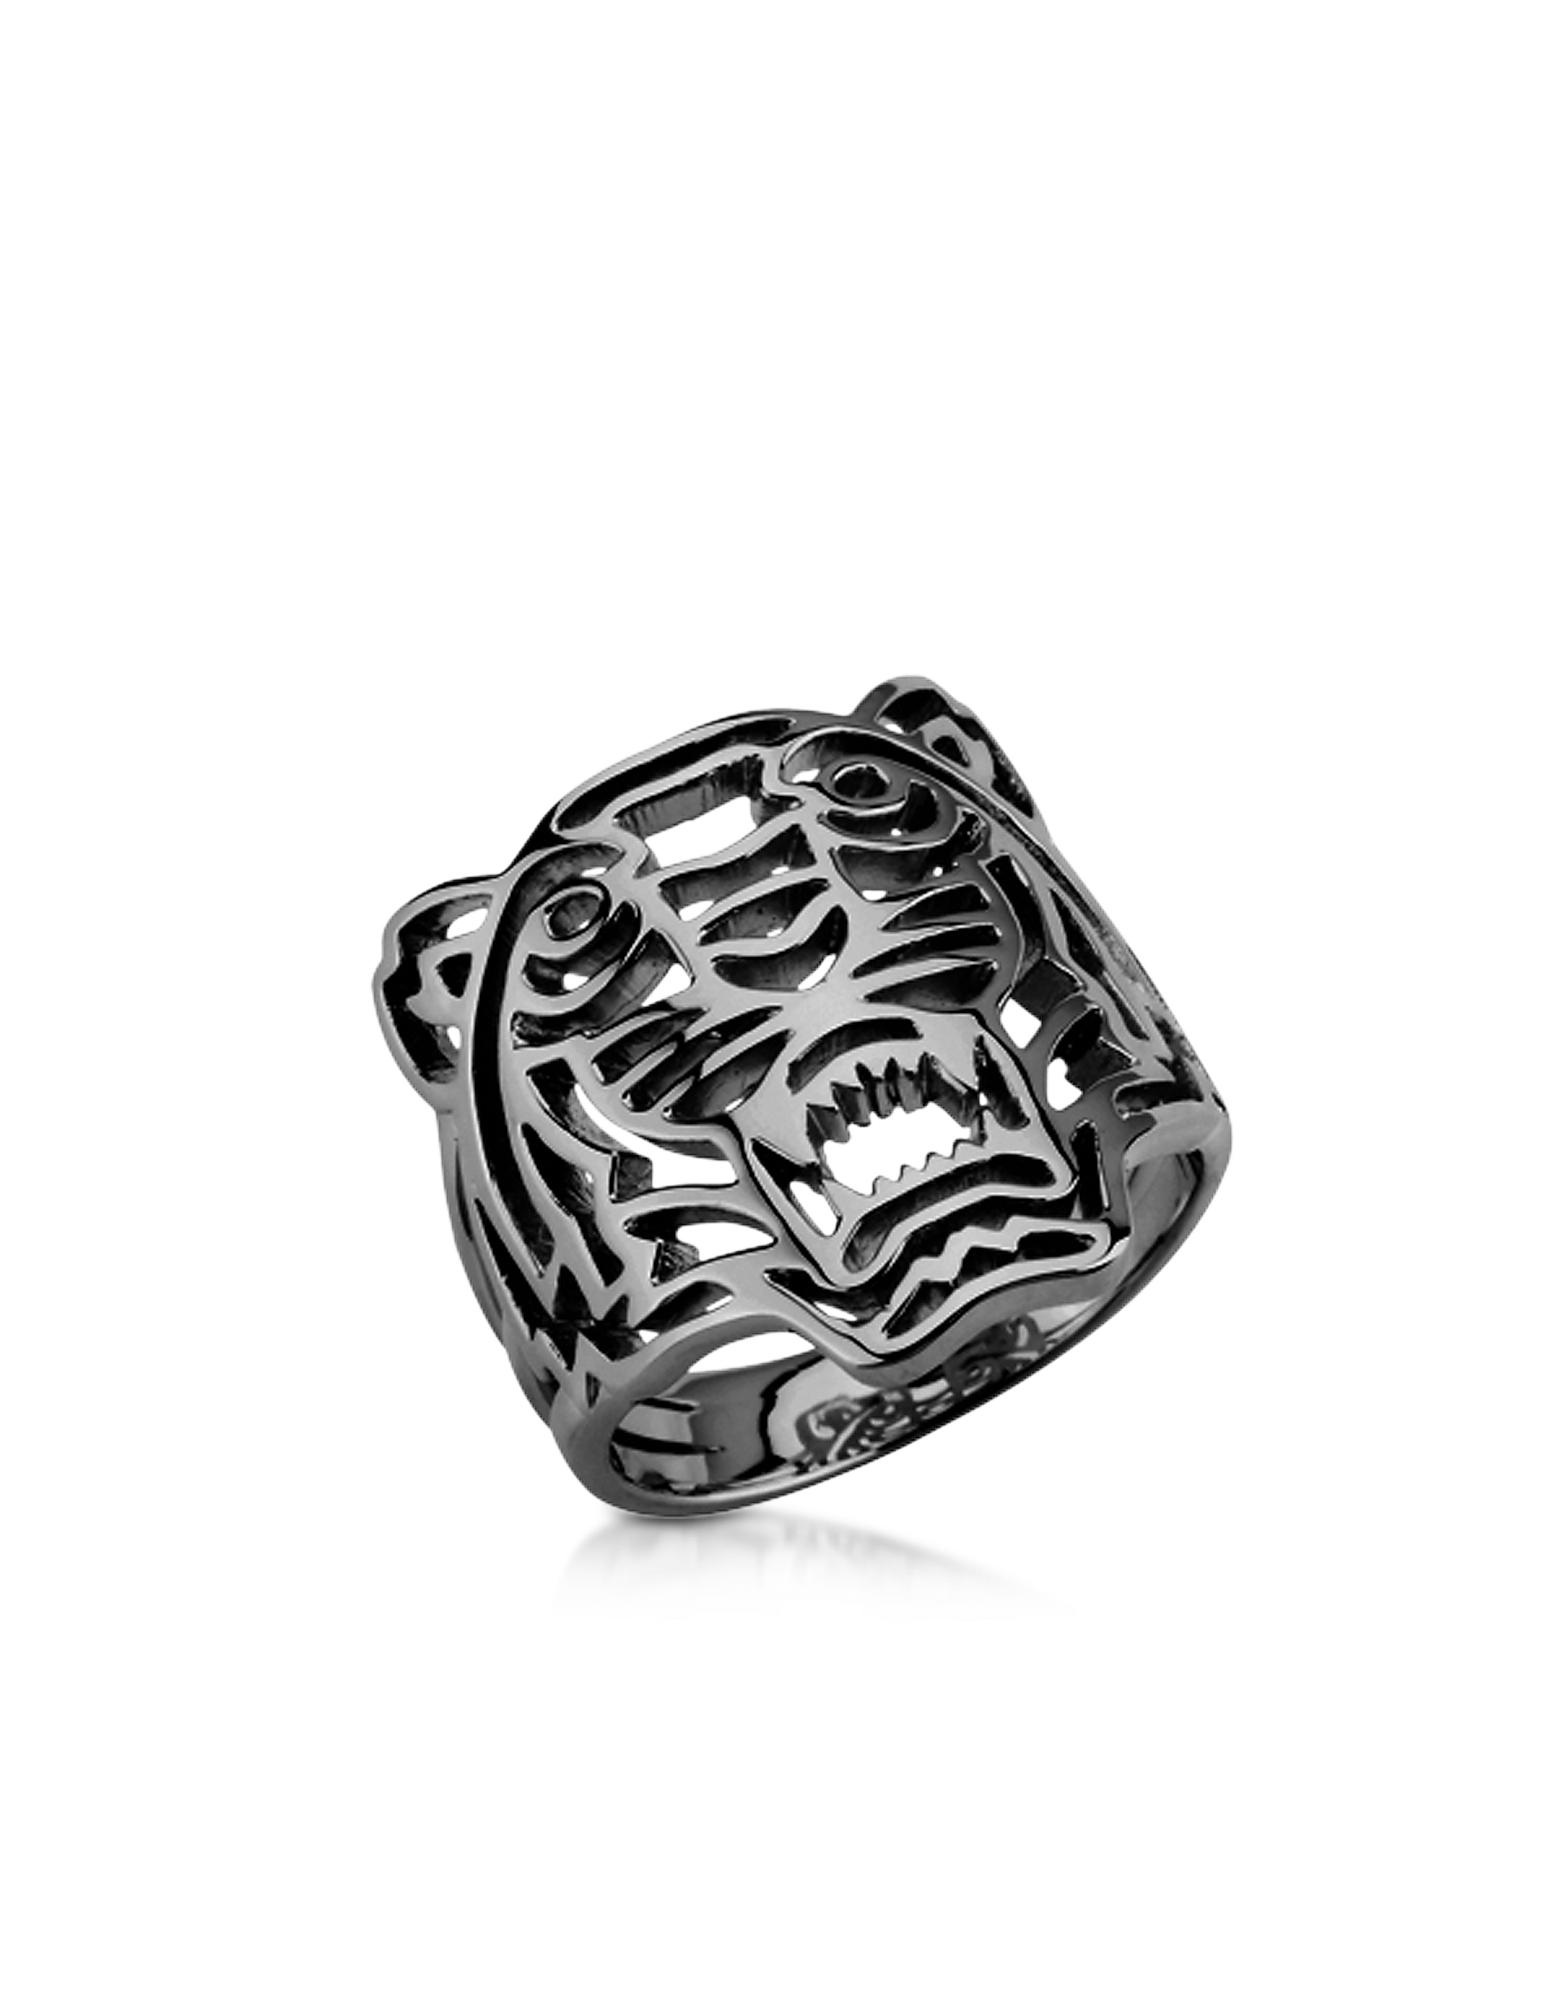 Kenzo Кольцо из Стерлингового Серебра с Рутениевым Покрытием и Маленьким Тигром-Аппликацией